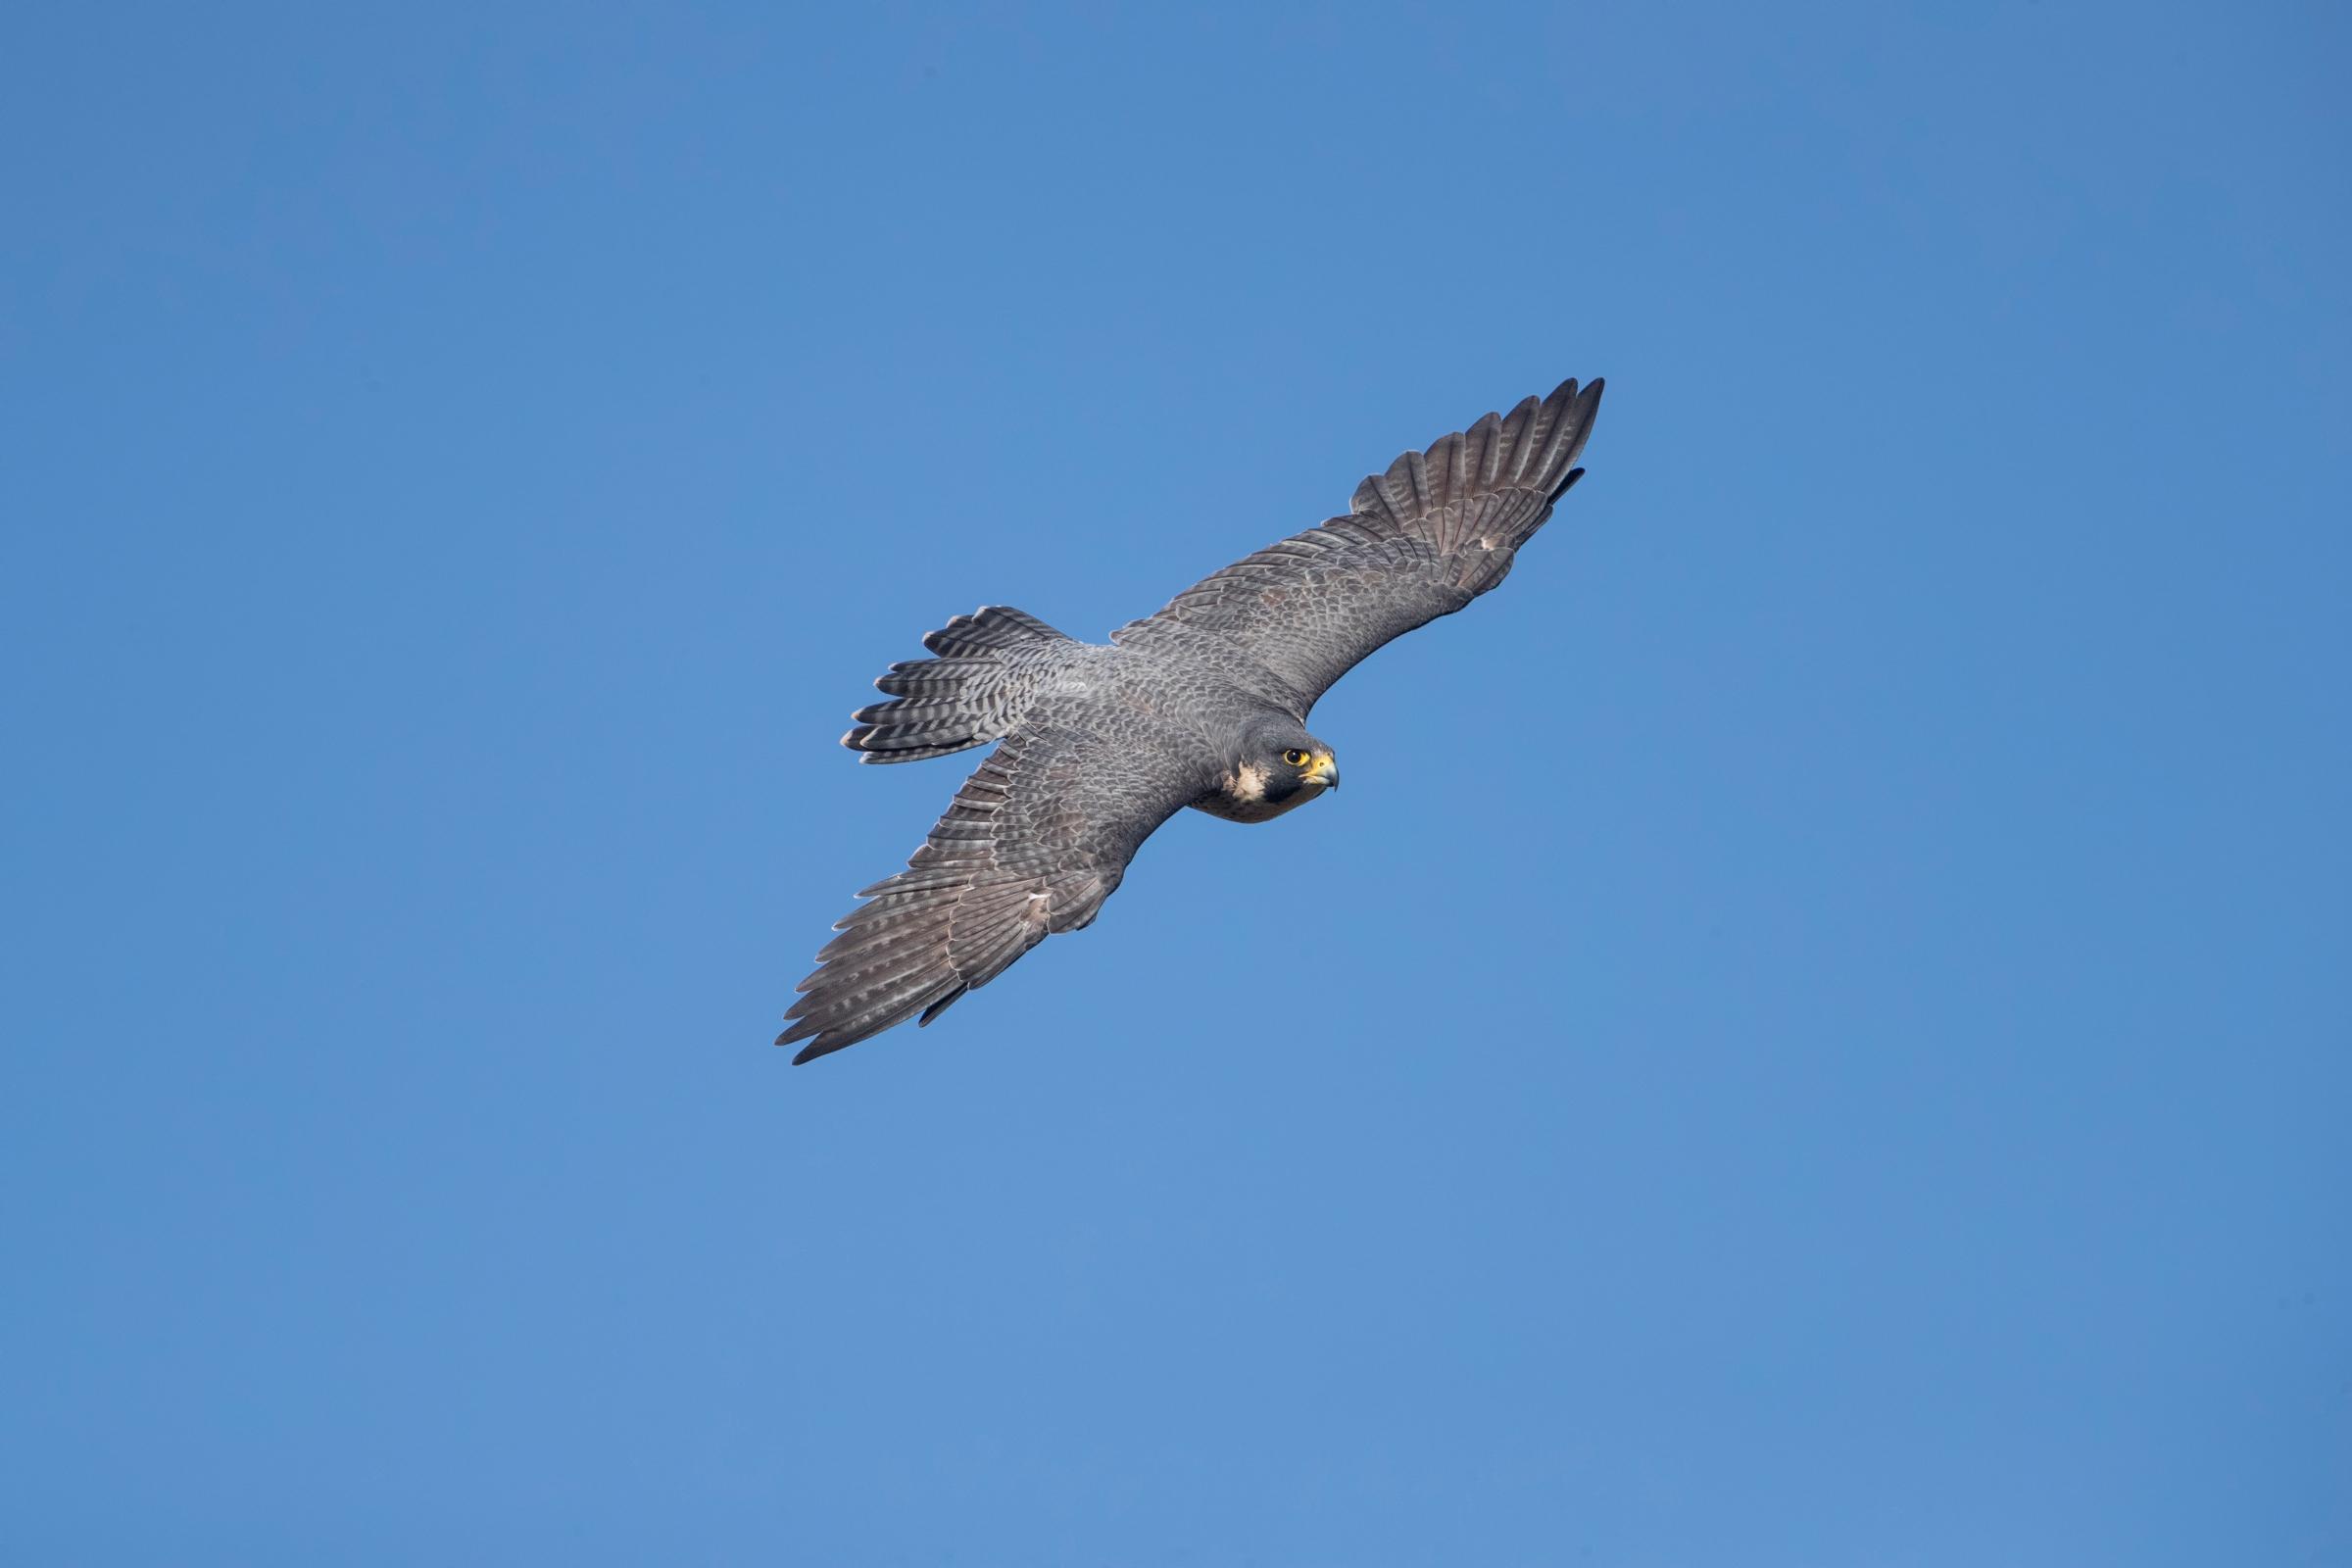 ציפור הטרף בז נודד. מקור: shutterstock